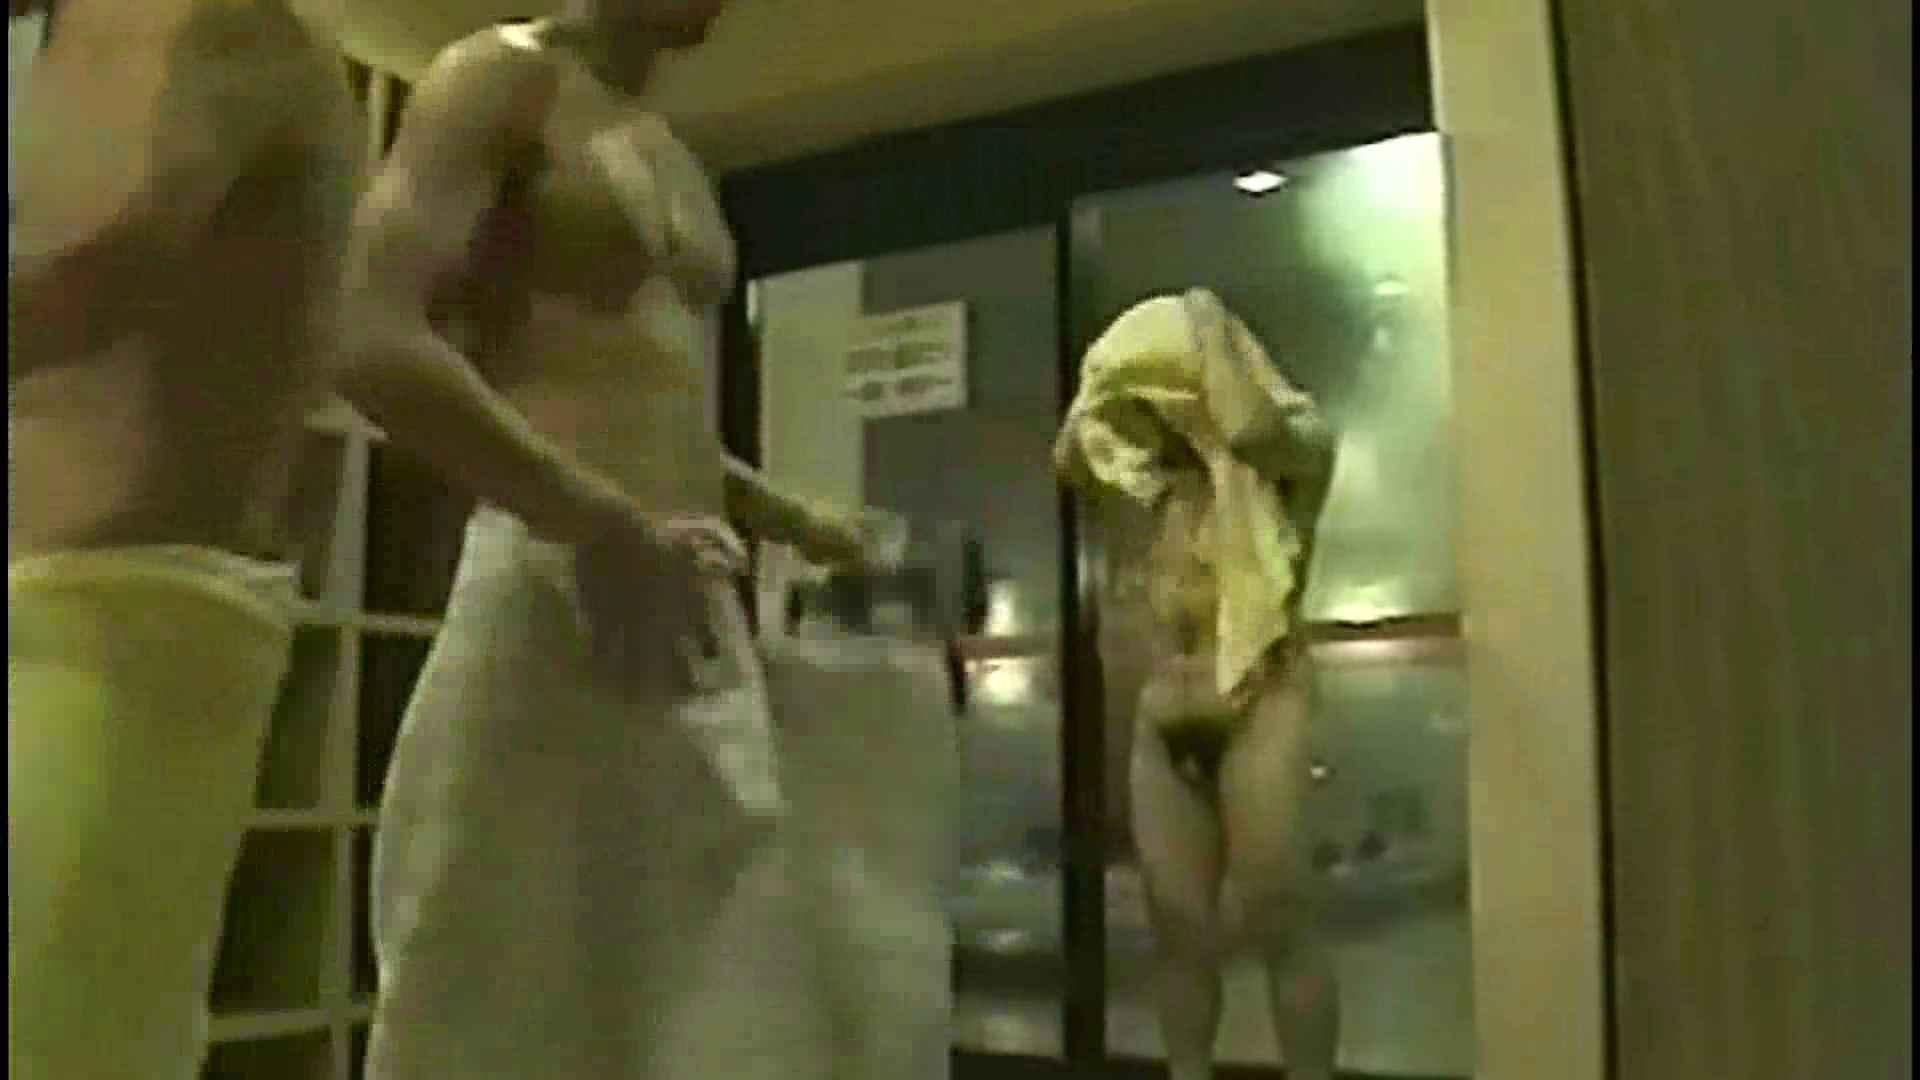 男風呂覗かせていただきます。Vol.03 リーマン系男子 | おやじ熊系男子  80枚 43